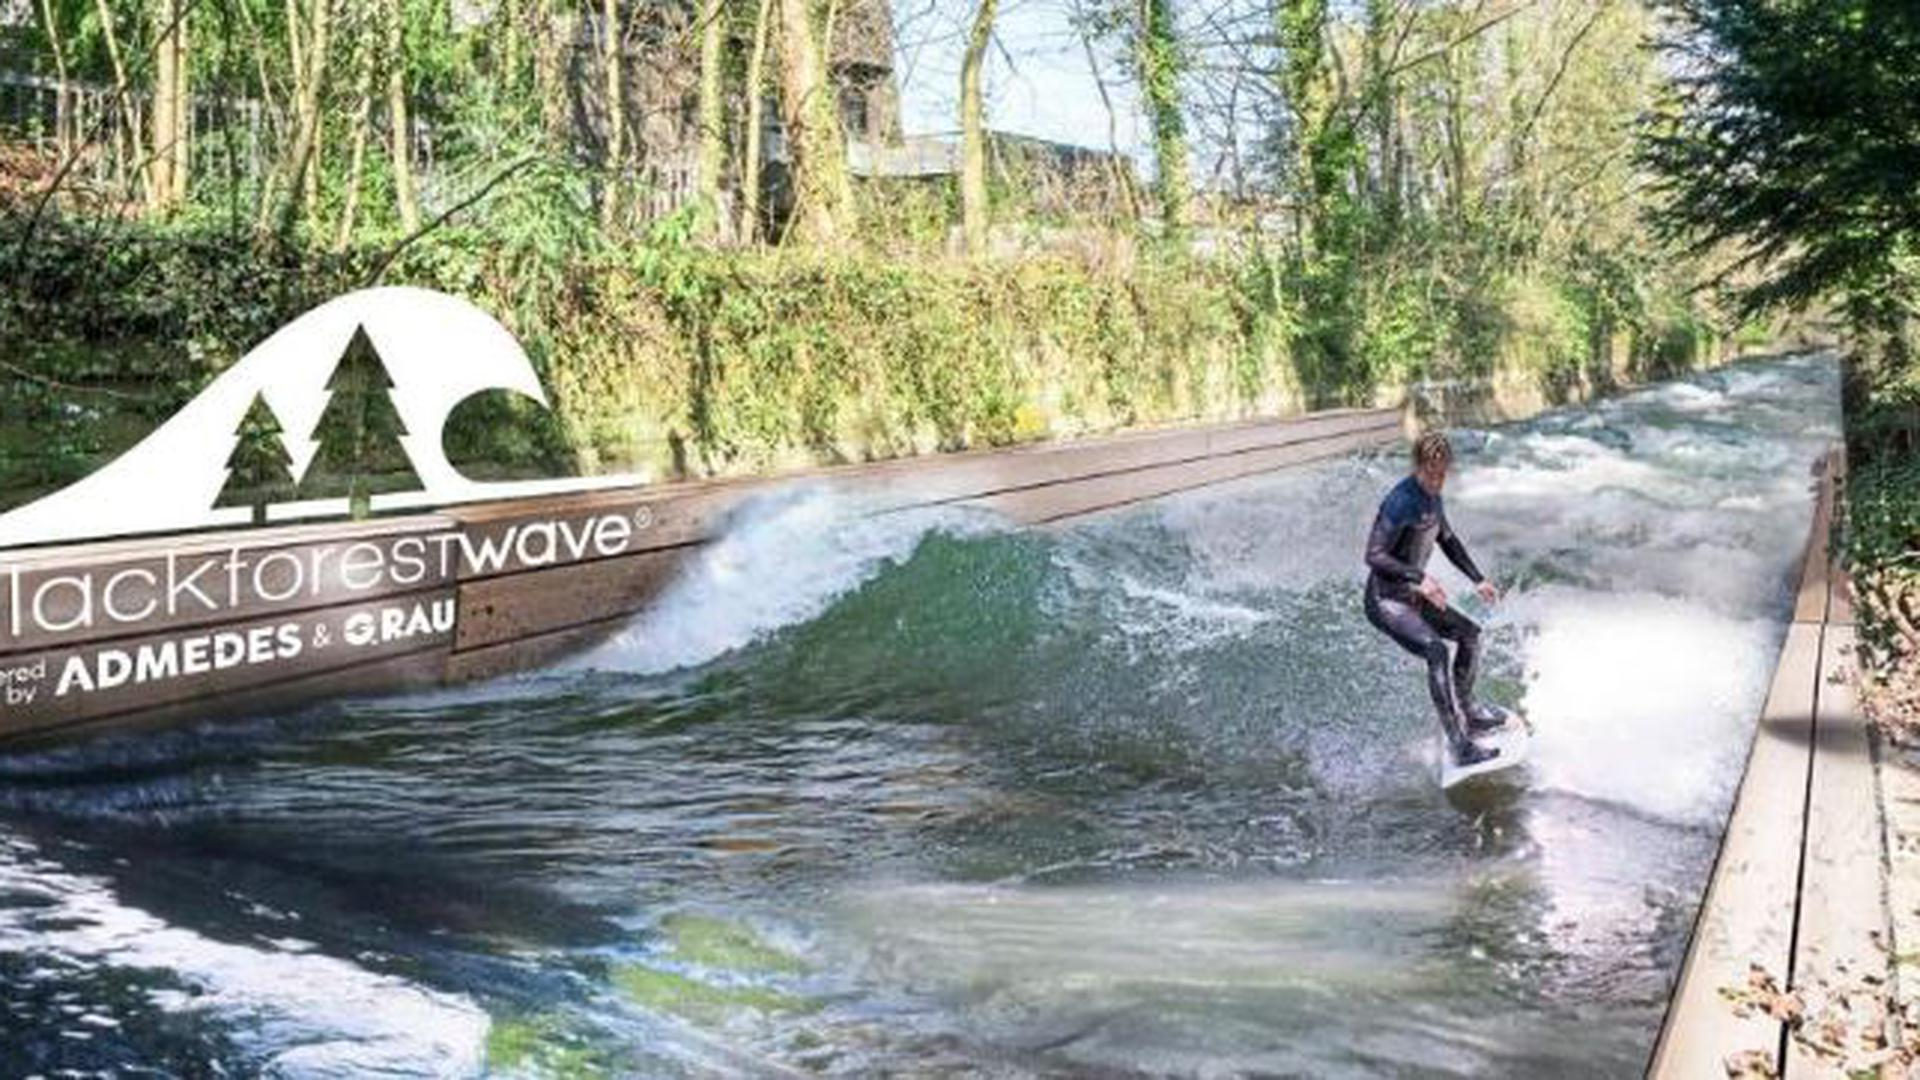 Black Forest Wave